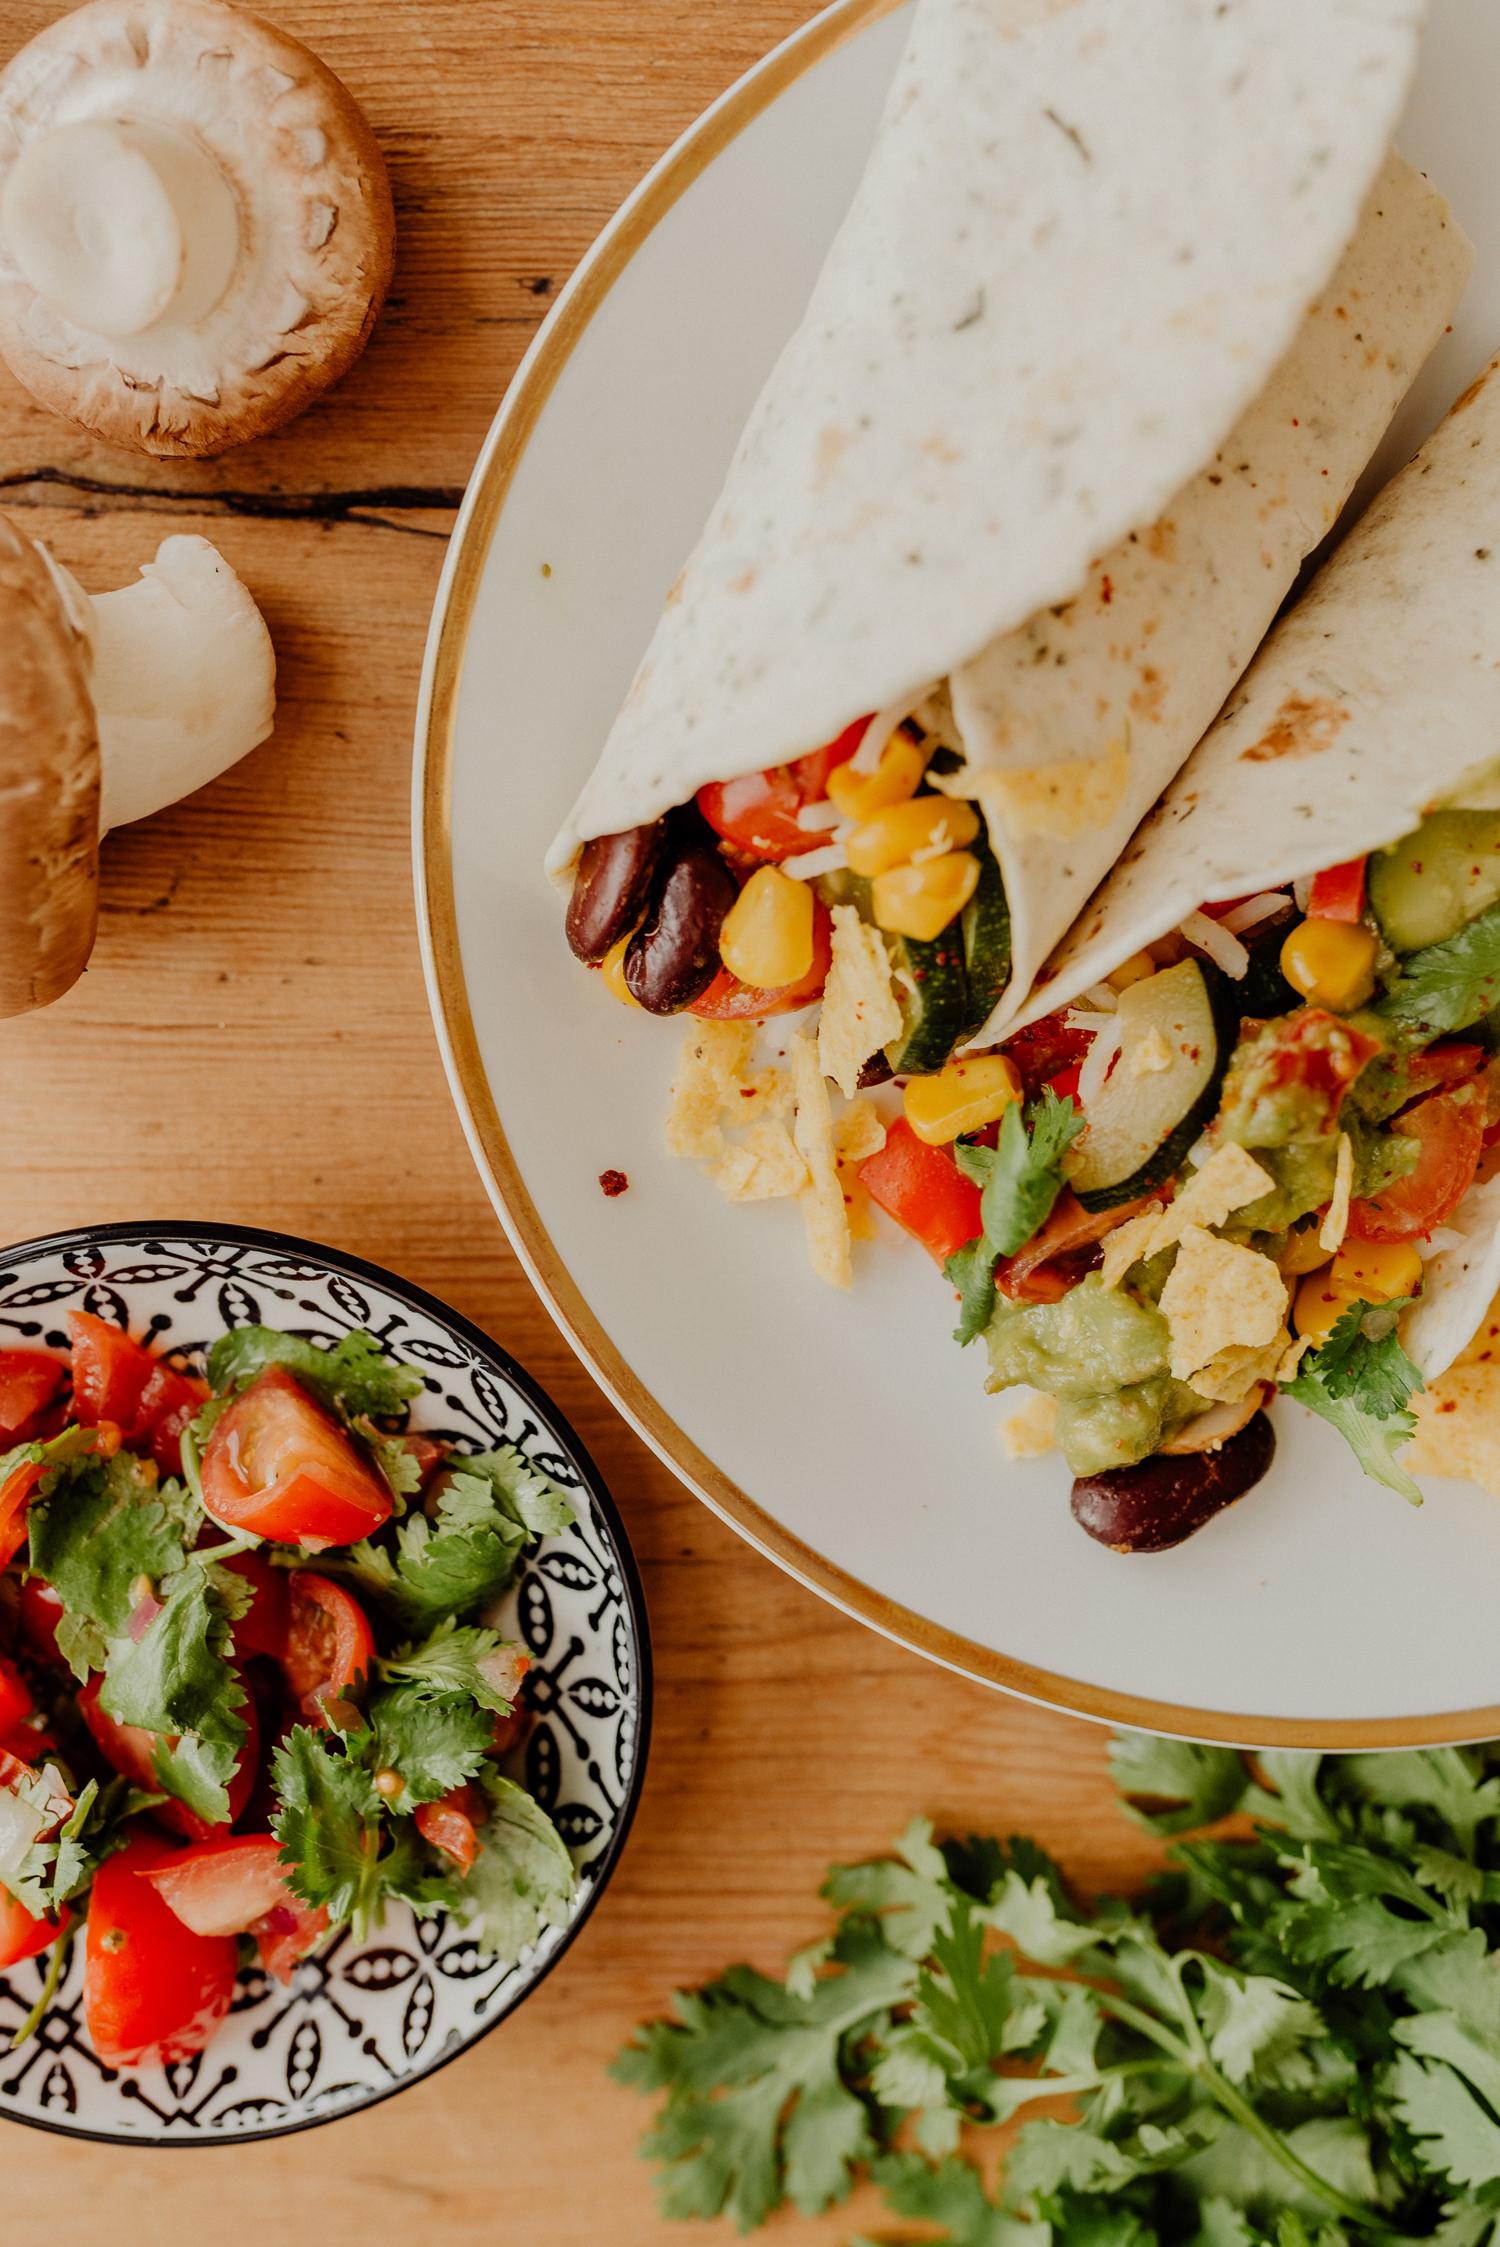 simone-fuerst-fotografie-food-vegan-wraps